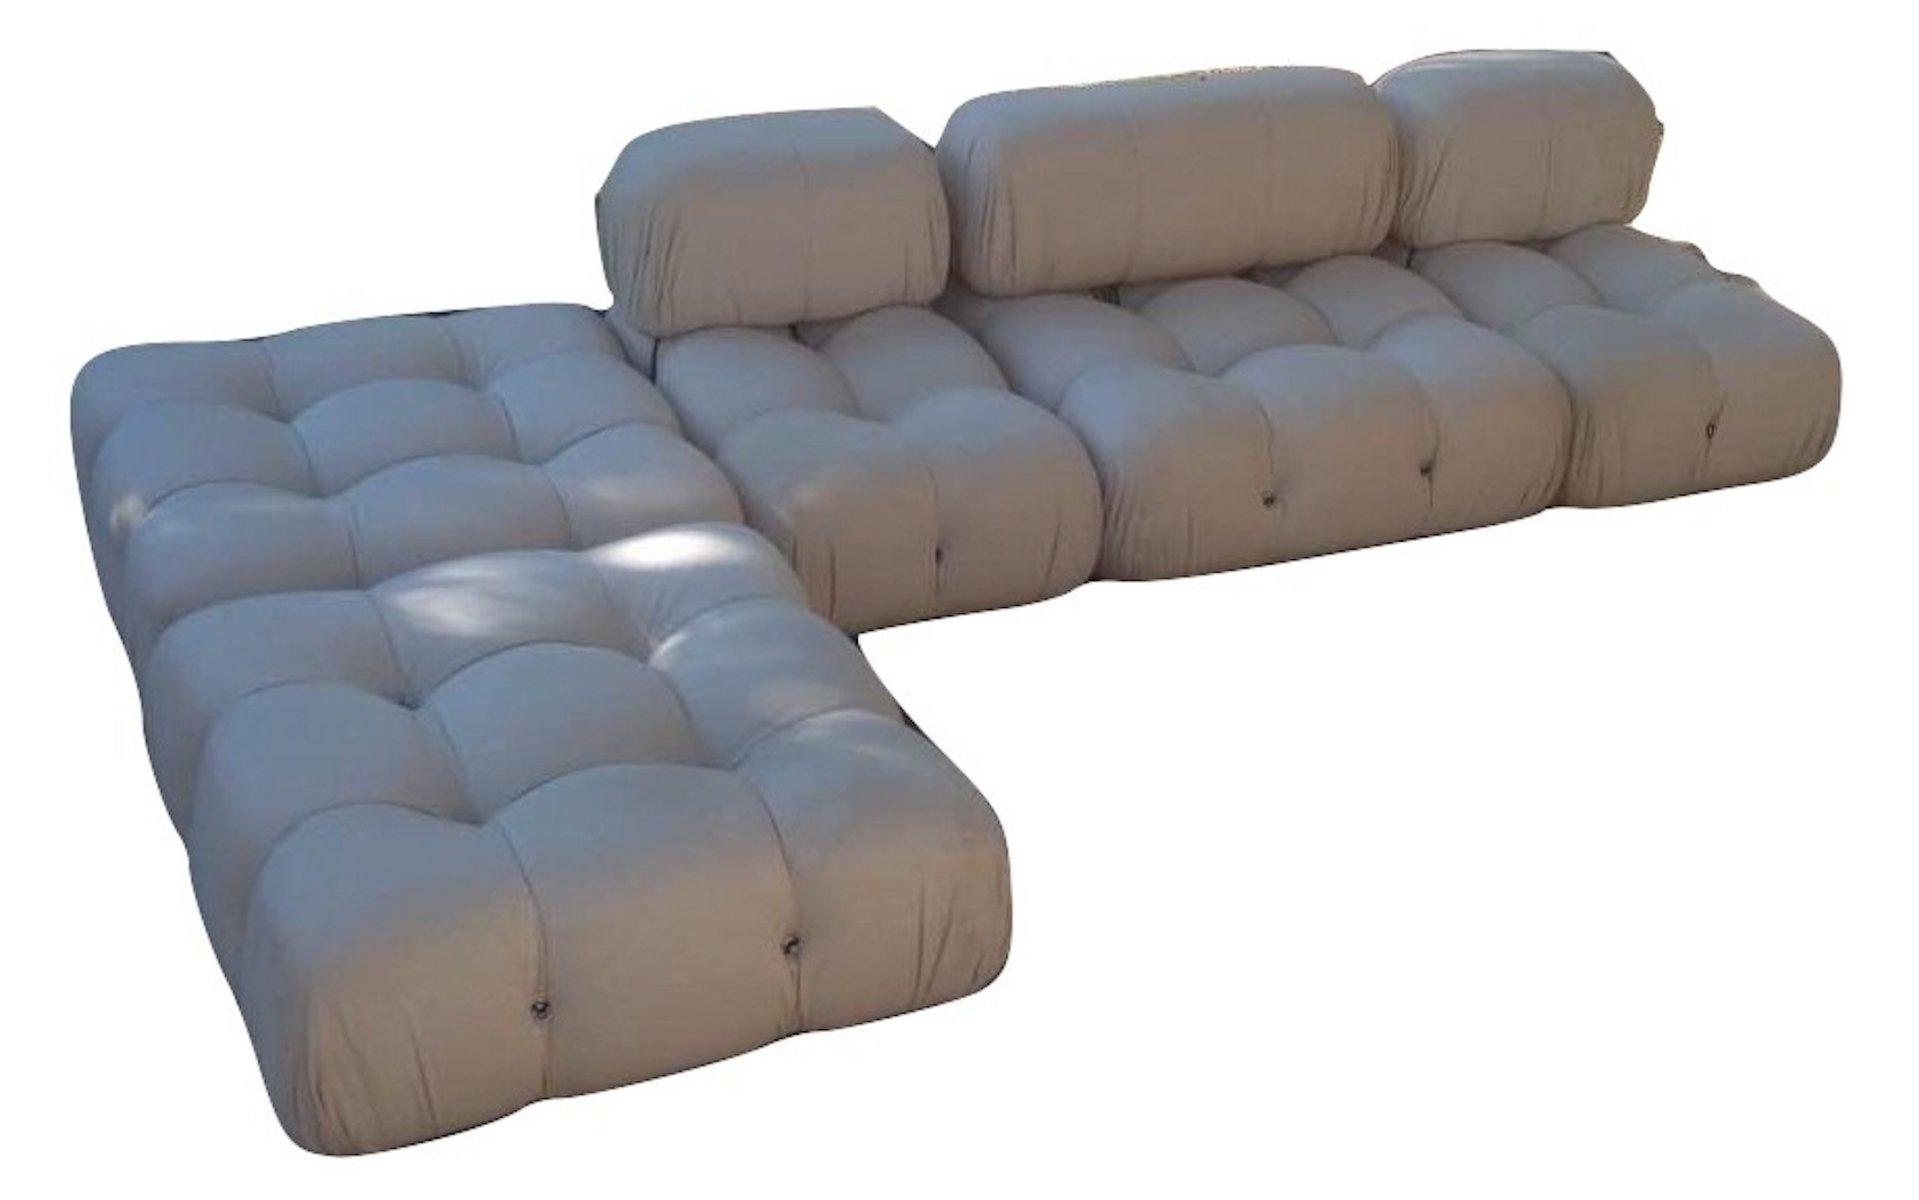 Modulares Vintage Camaleonda Lounge Sofa von Mario Bellini für C&B Ita...